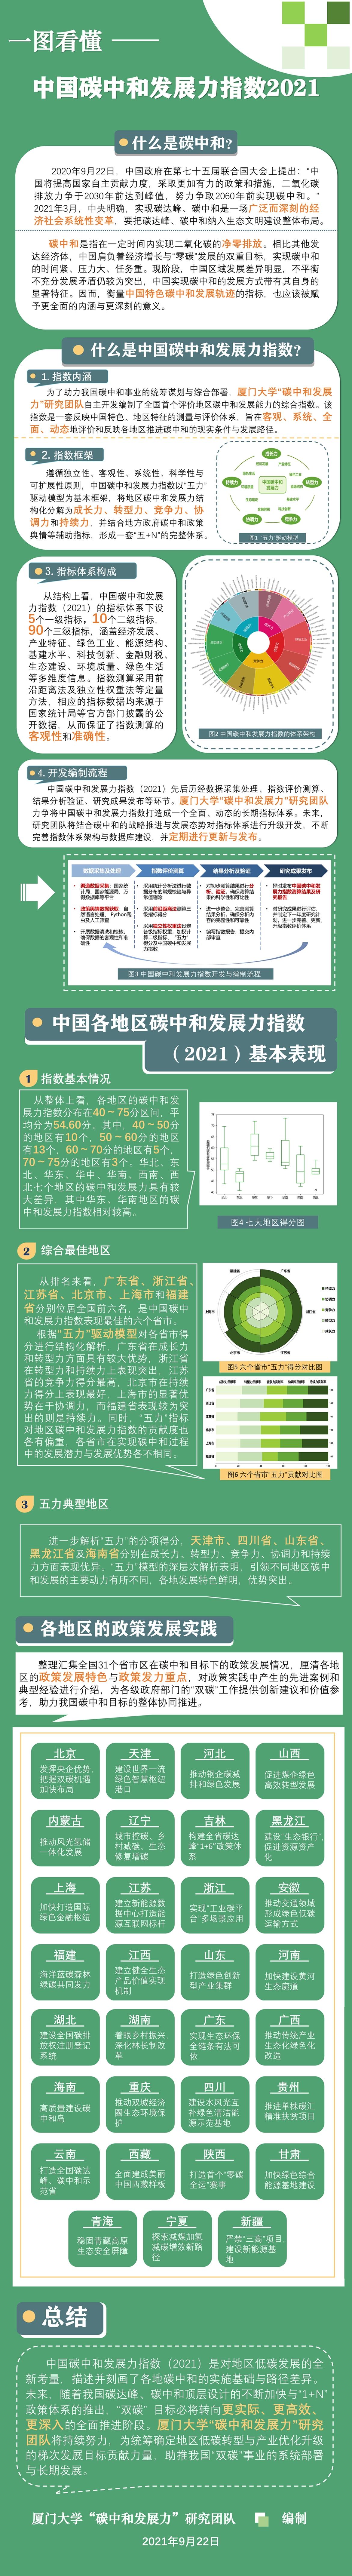 """全国首个碳中和发展力指数在线发布 """"五+N""""体系评估地方低碳发展进程"""